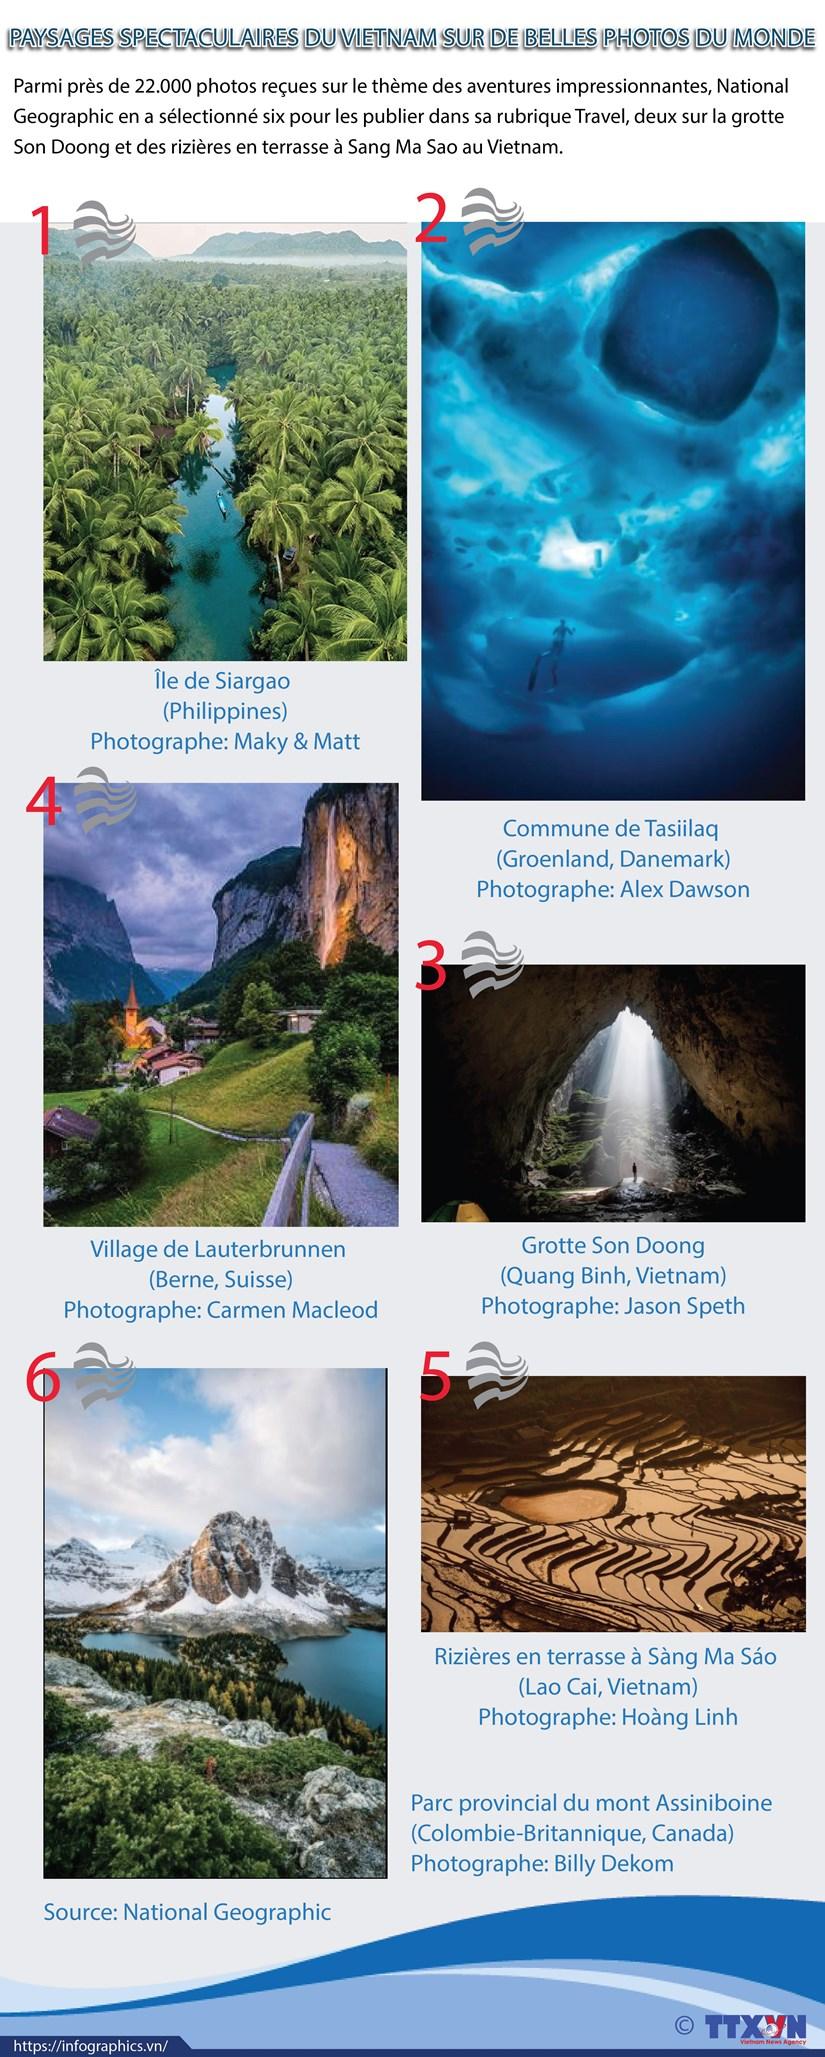 Paysages spectaculaires du Vietnam sur de belles photos du monde hinh anh 1